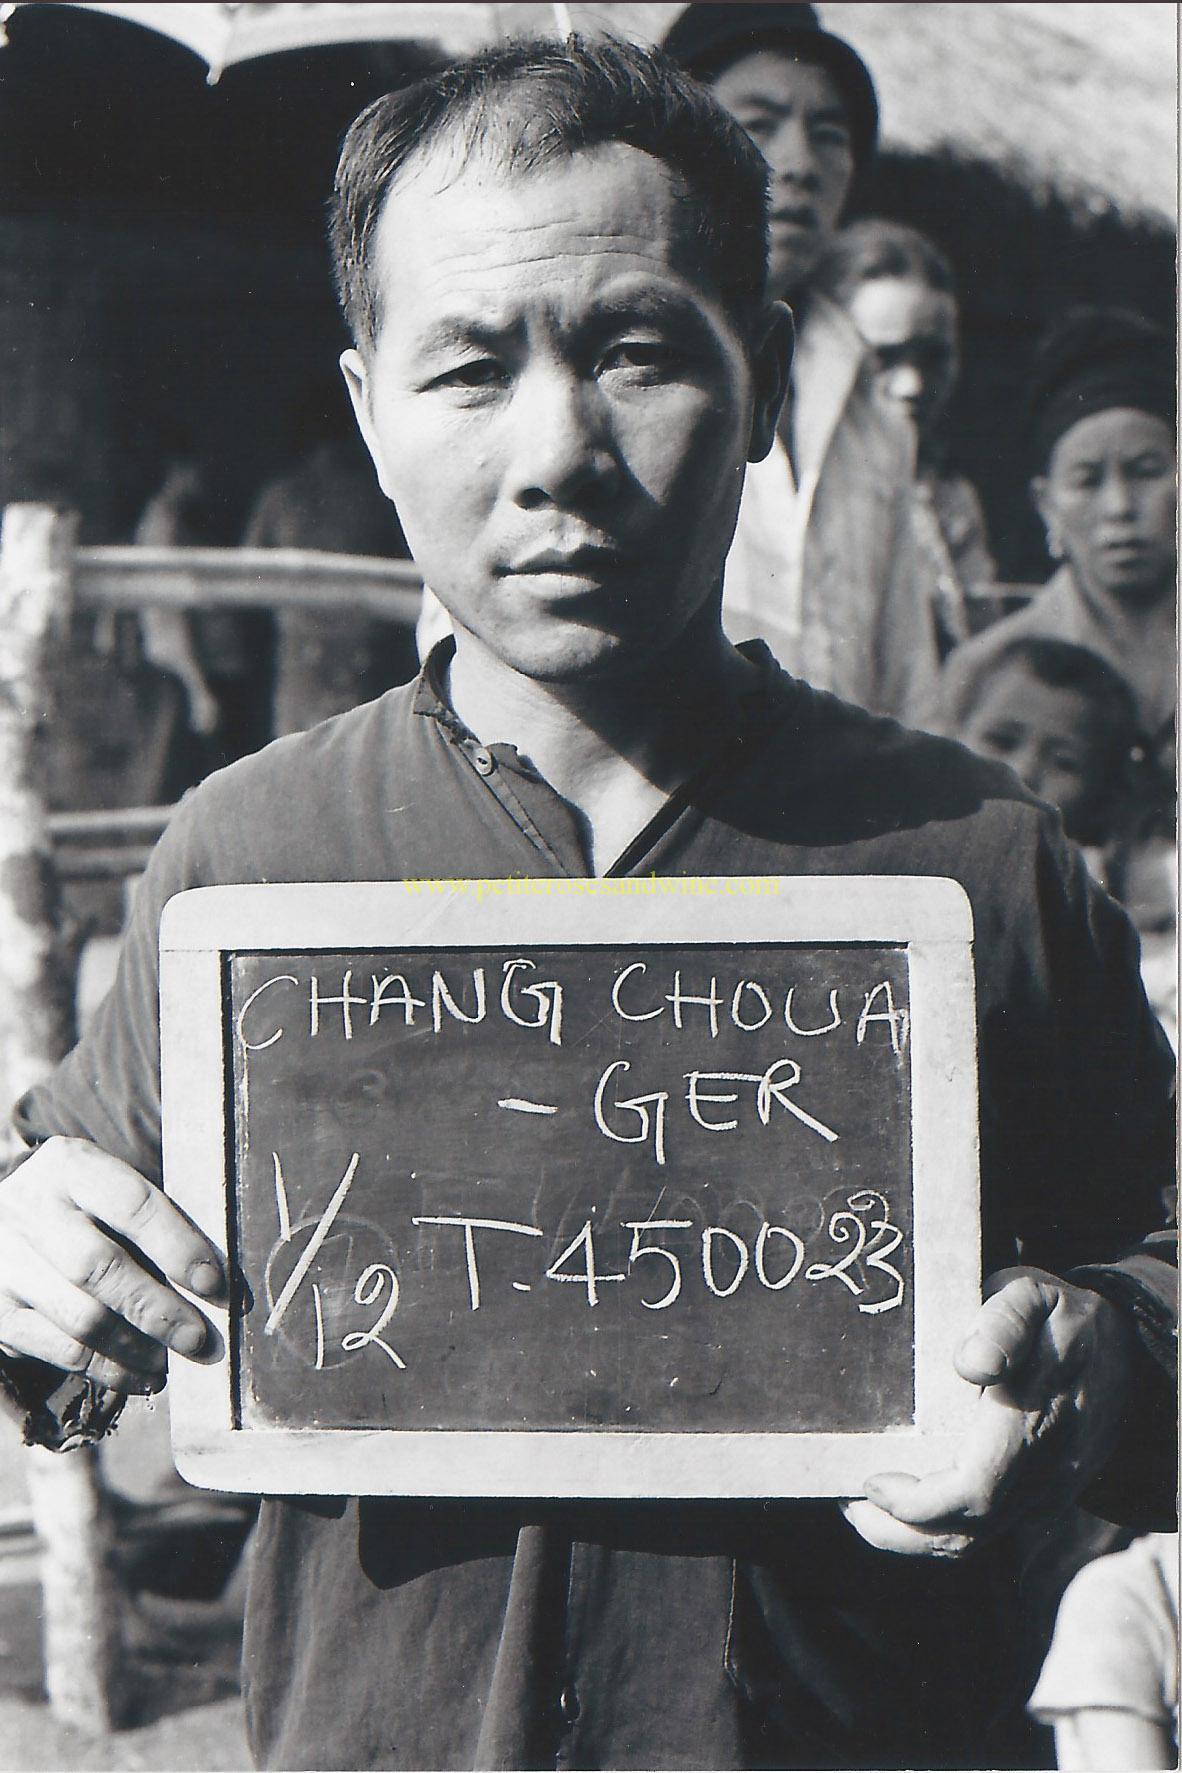 Choua Ger Chang